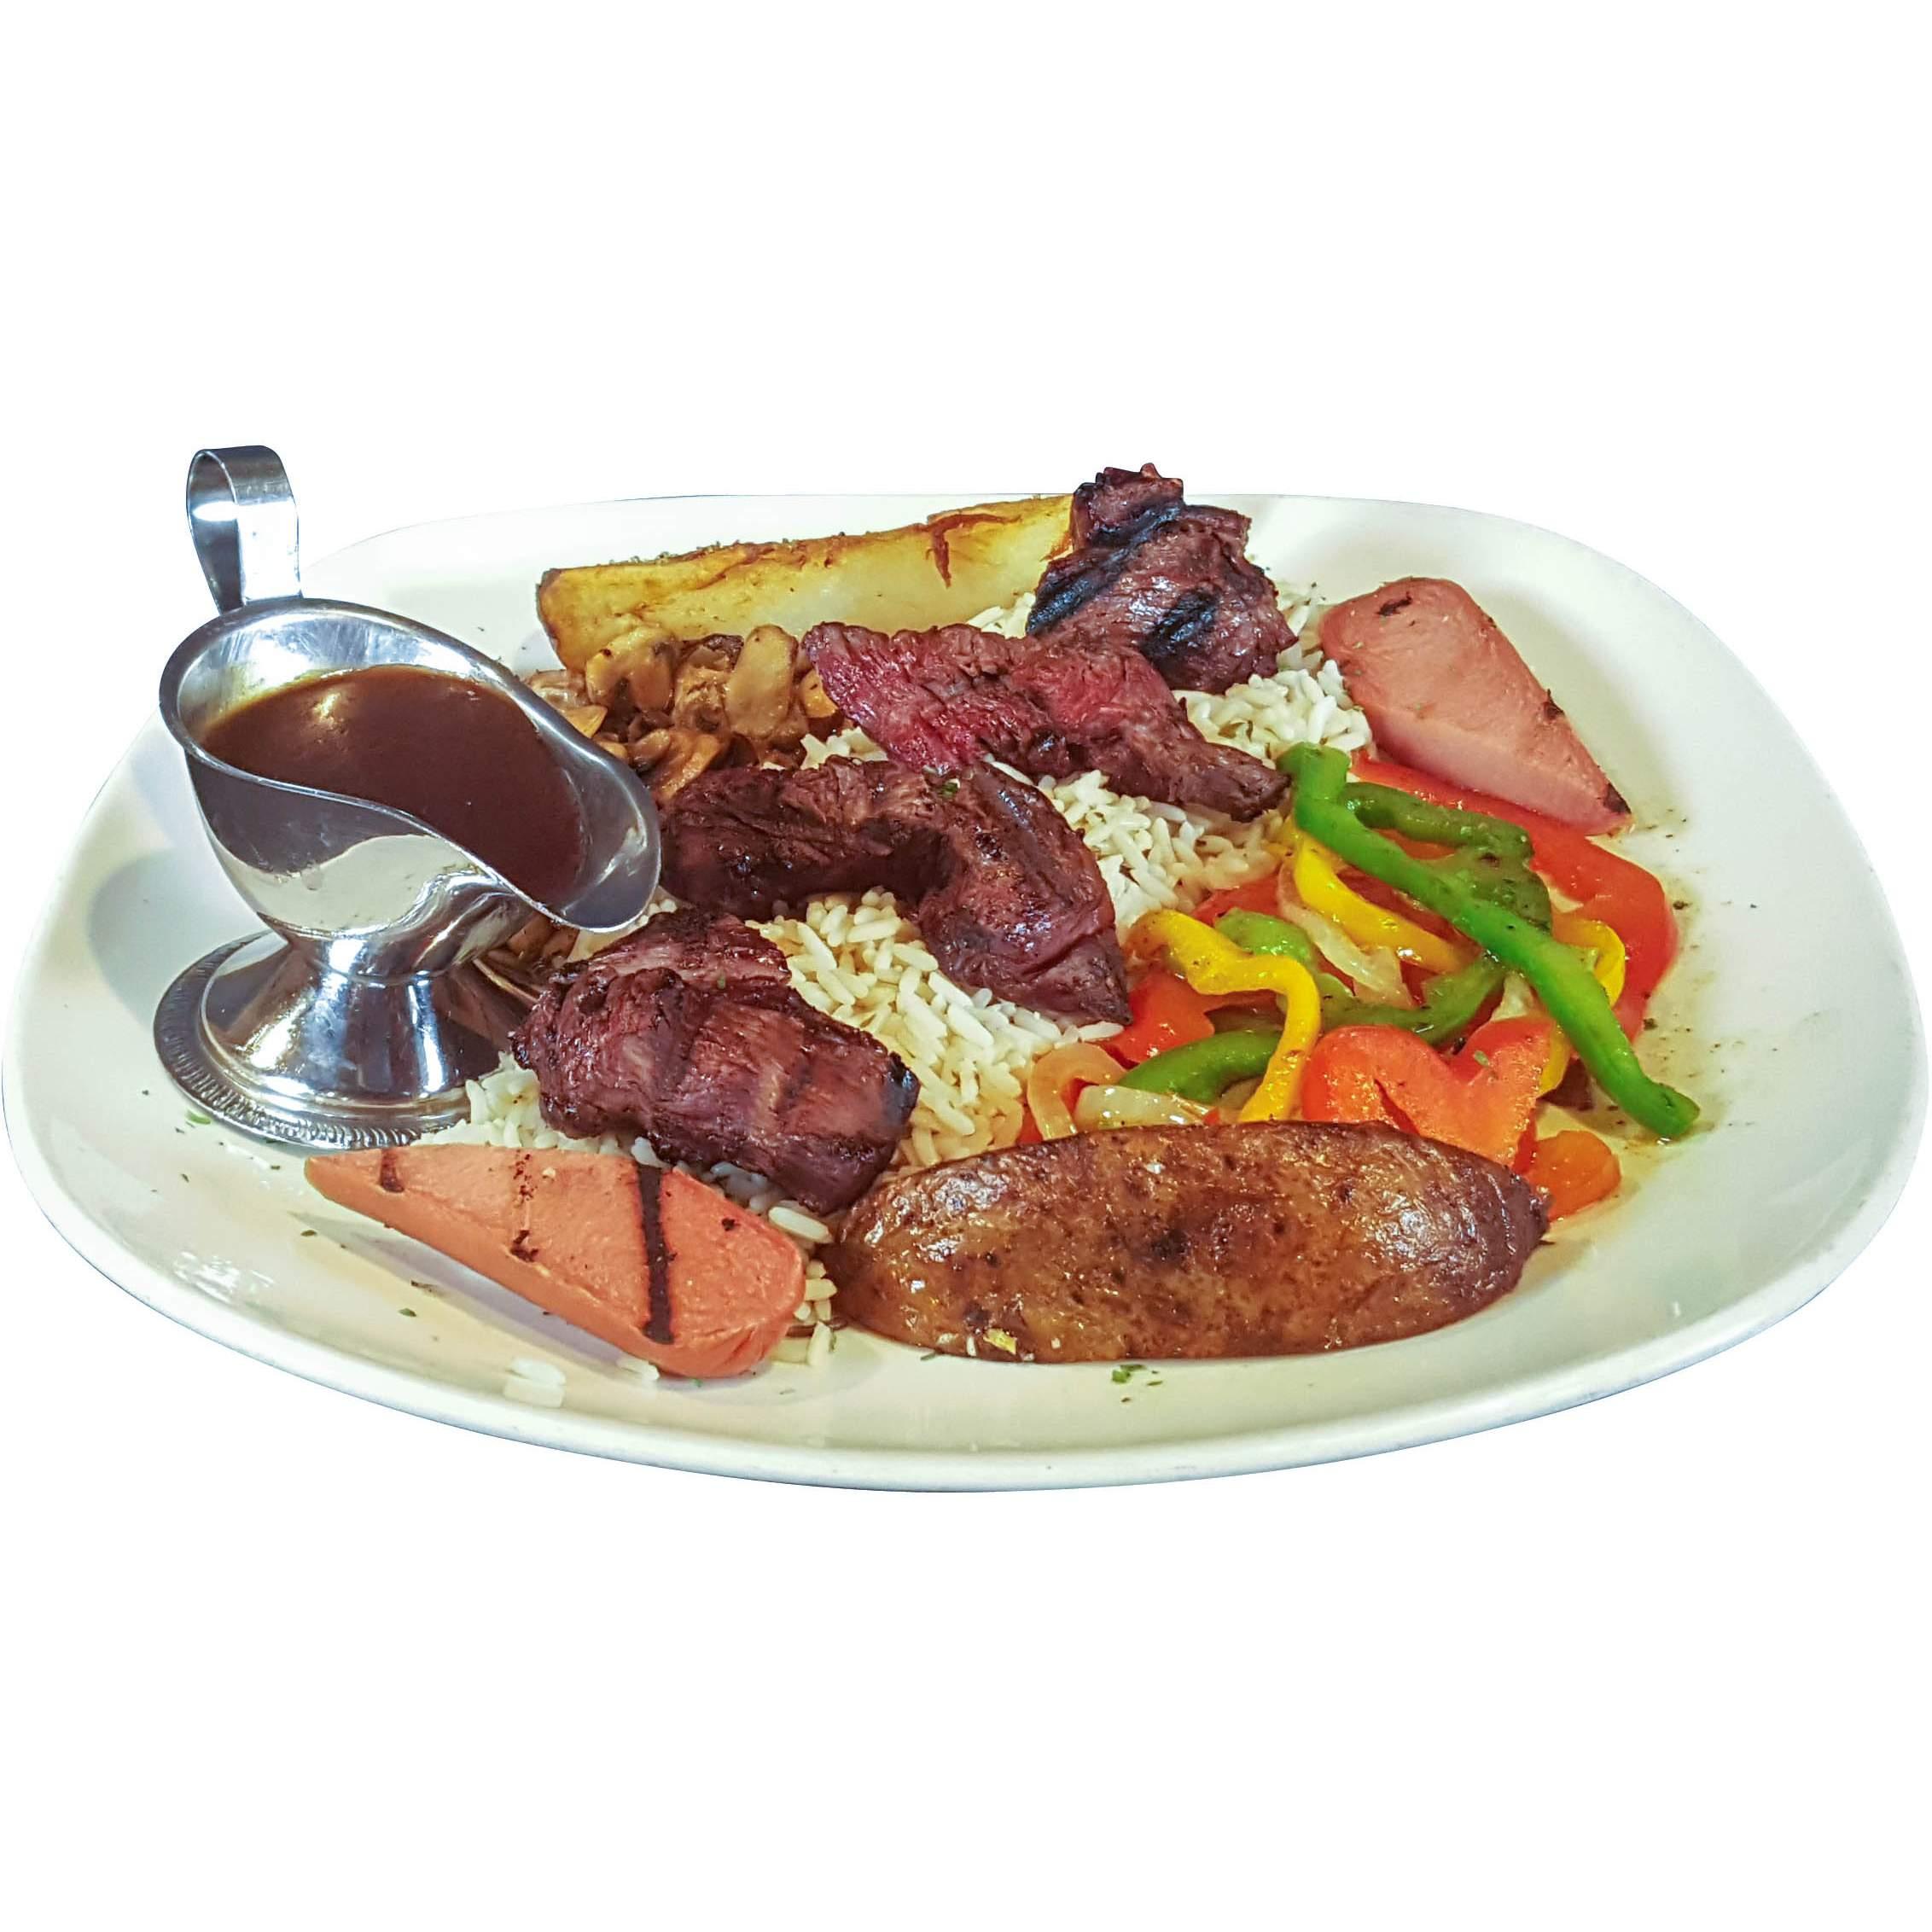 Brochette de filet mignon et sauce au poivre